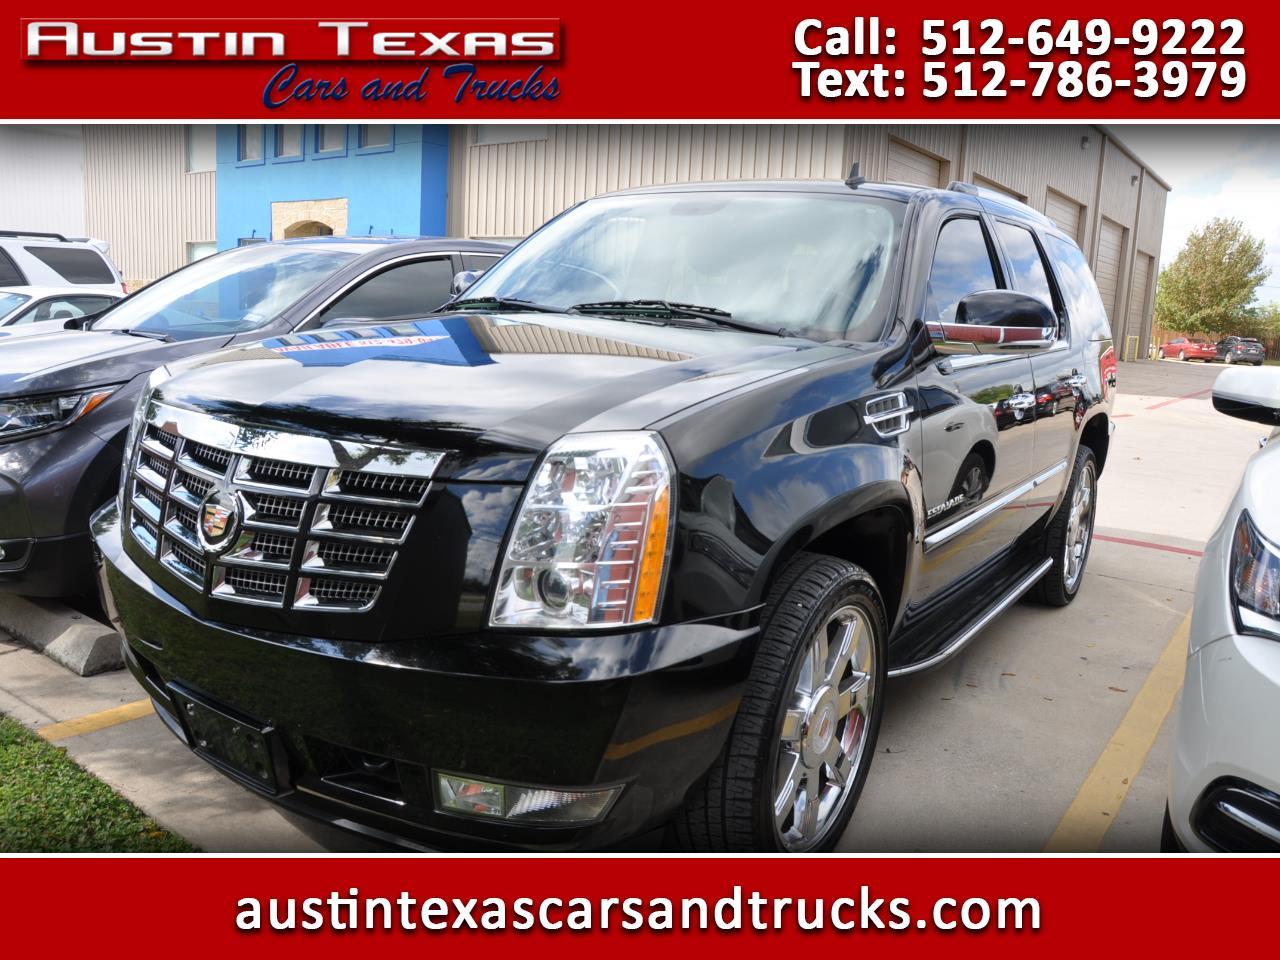 2013 Cadillac Escalade AWD 4dr Luxury